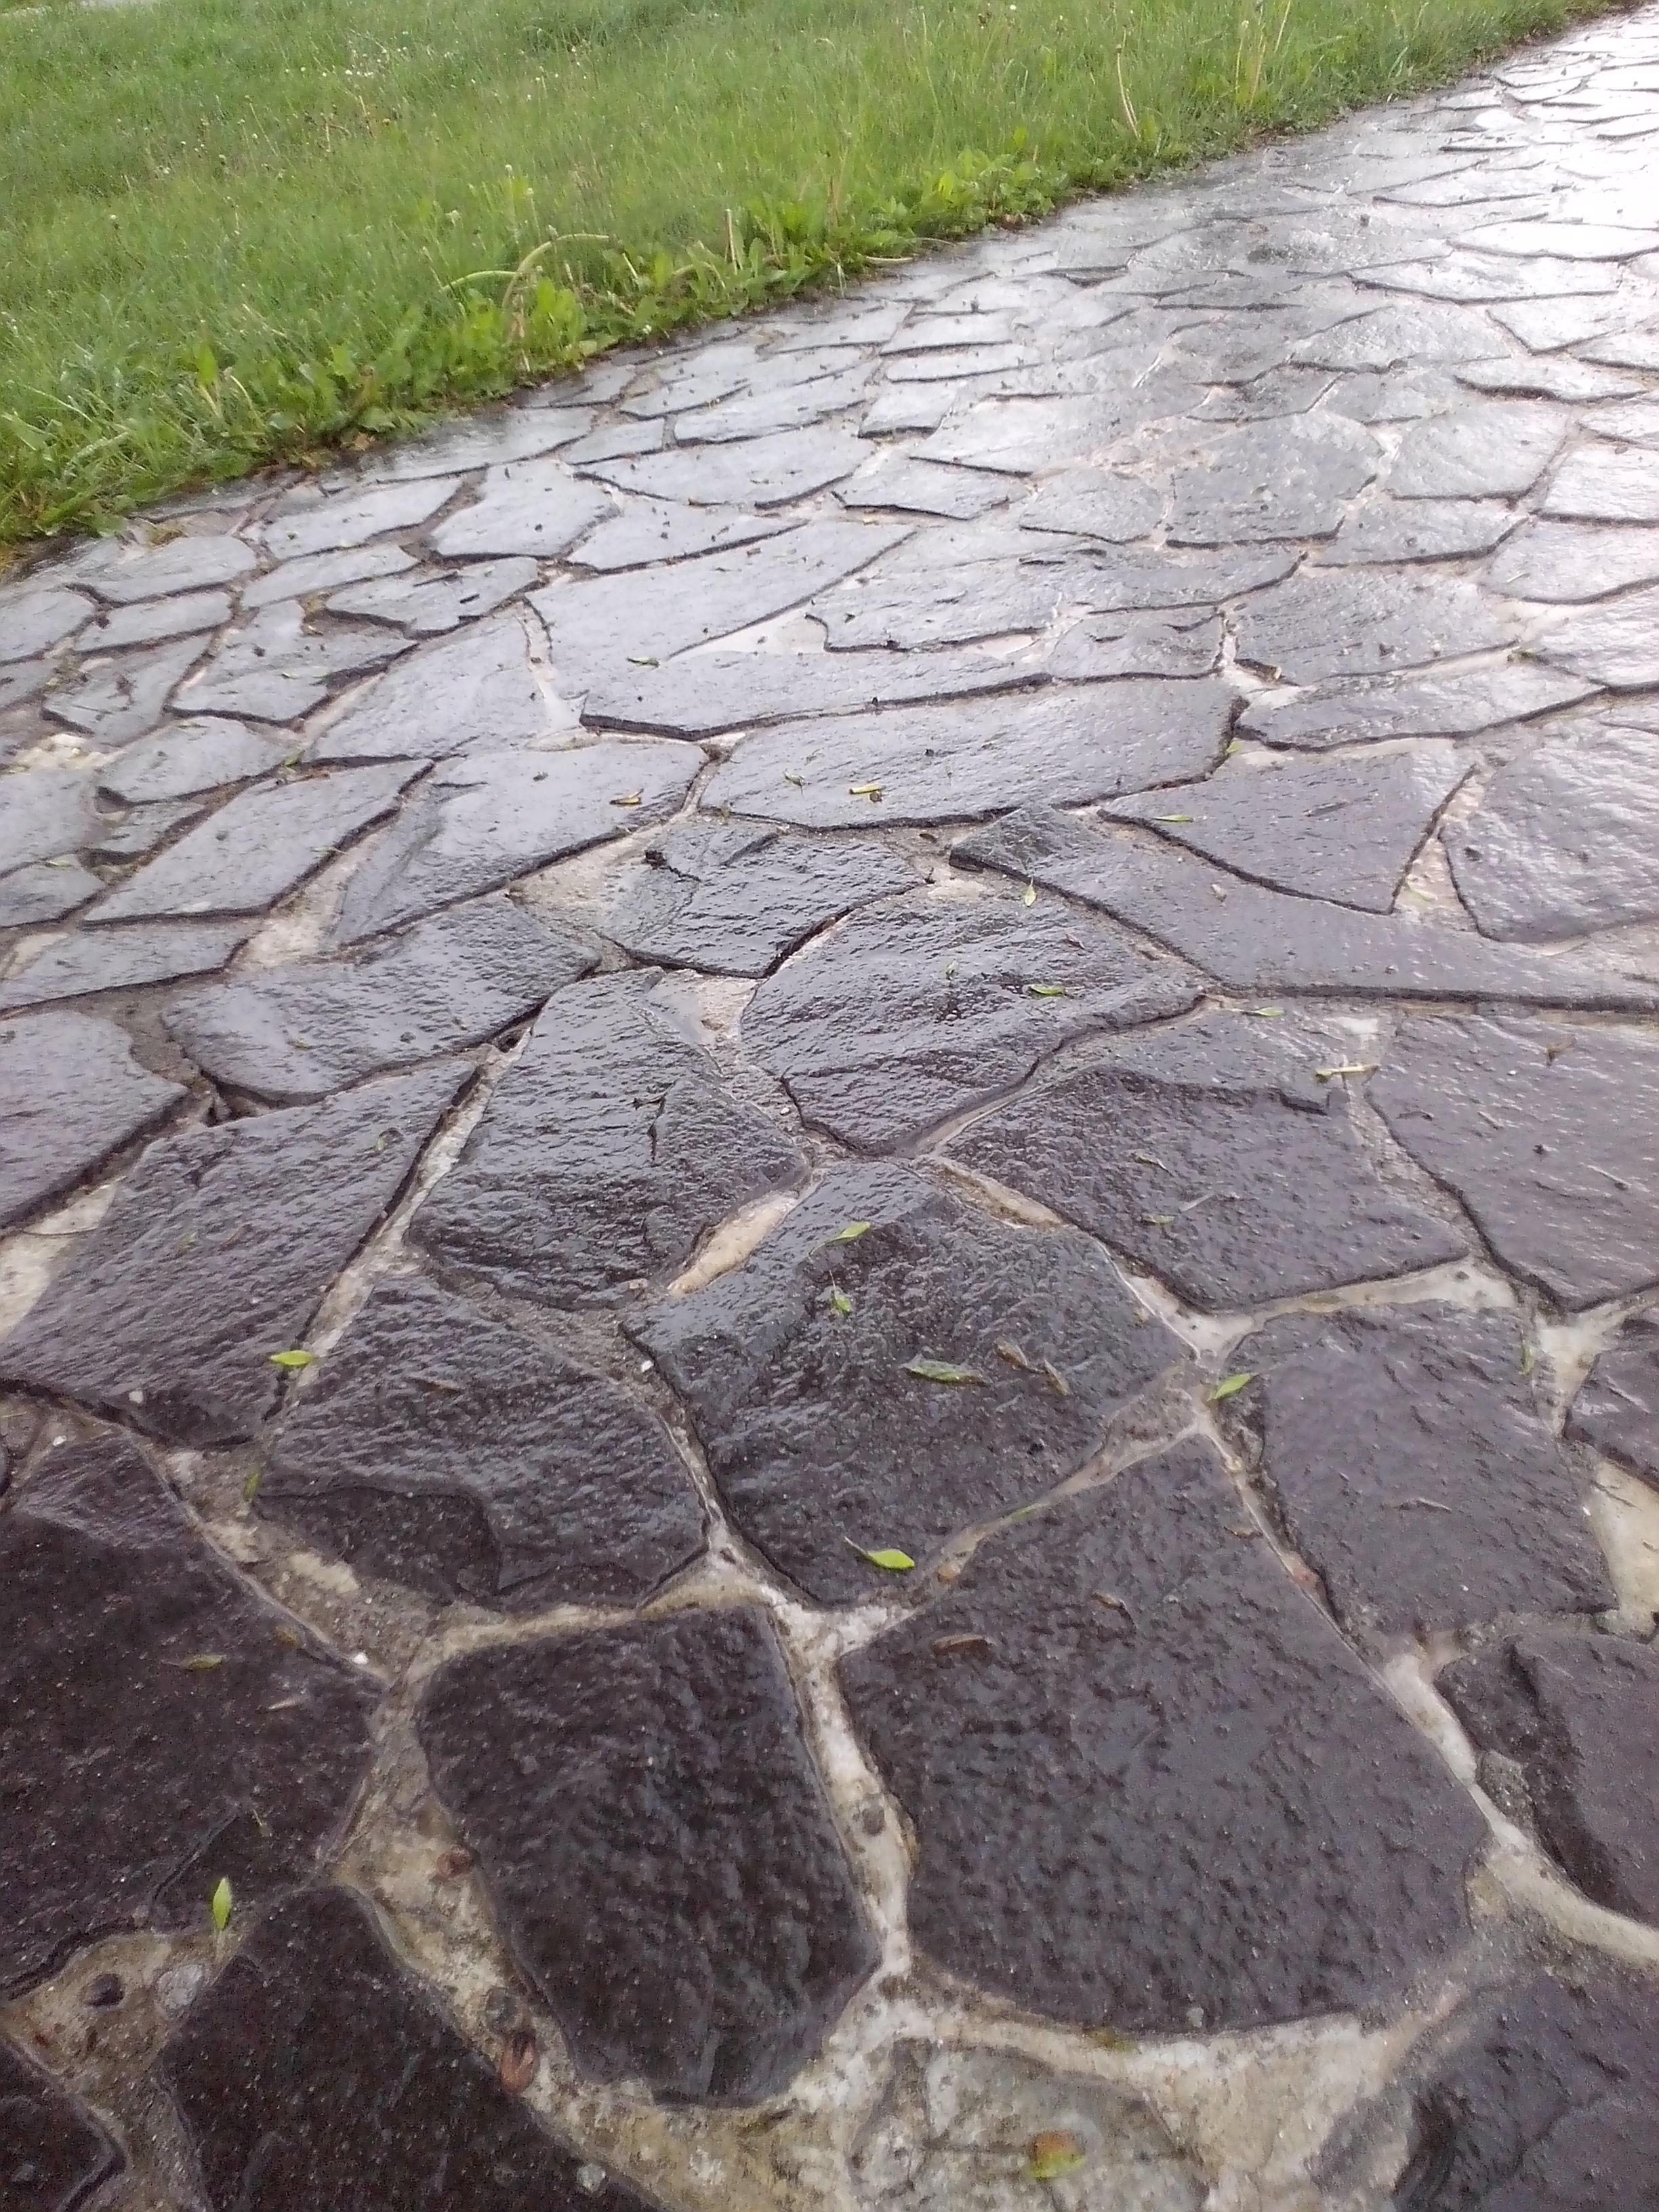 płyty kamienne są bezproblemowe